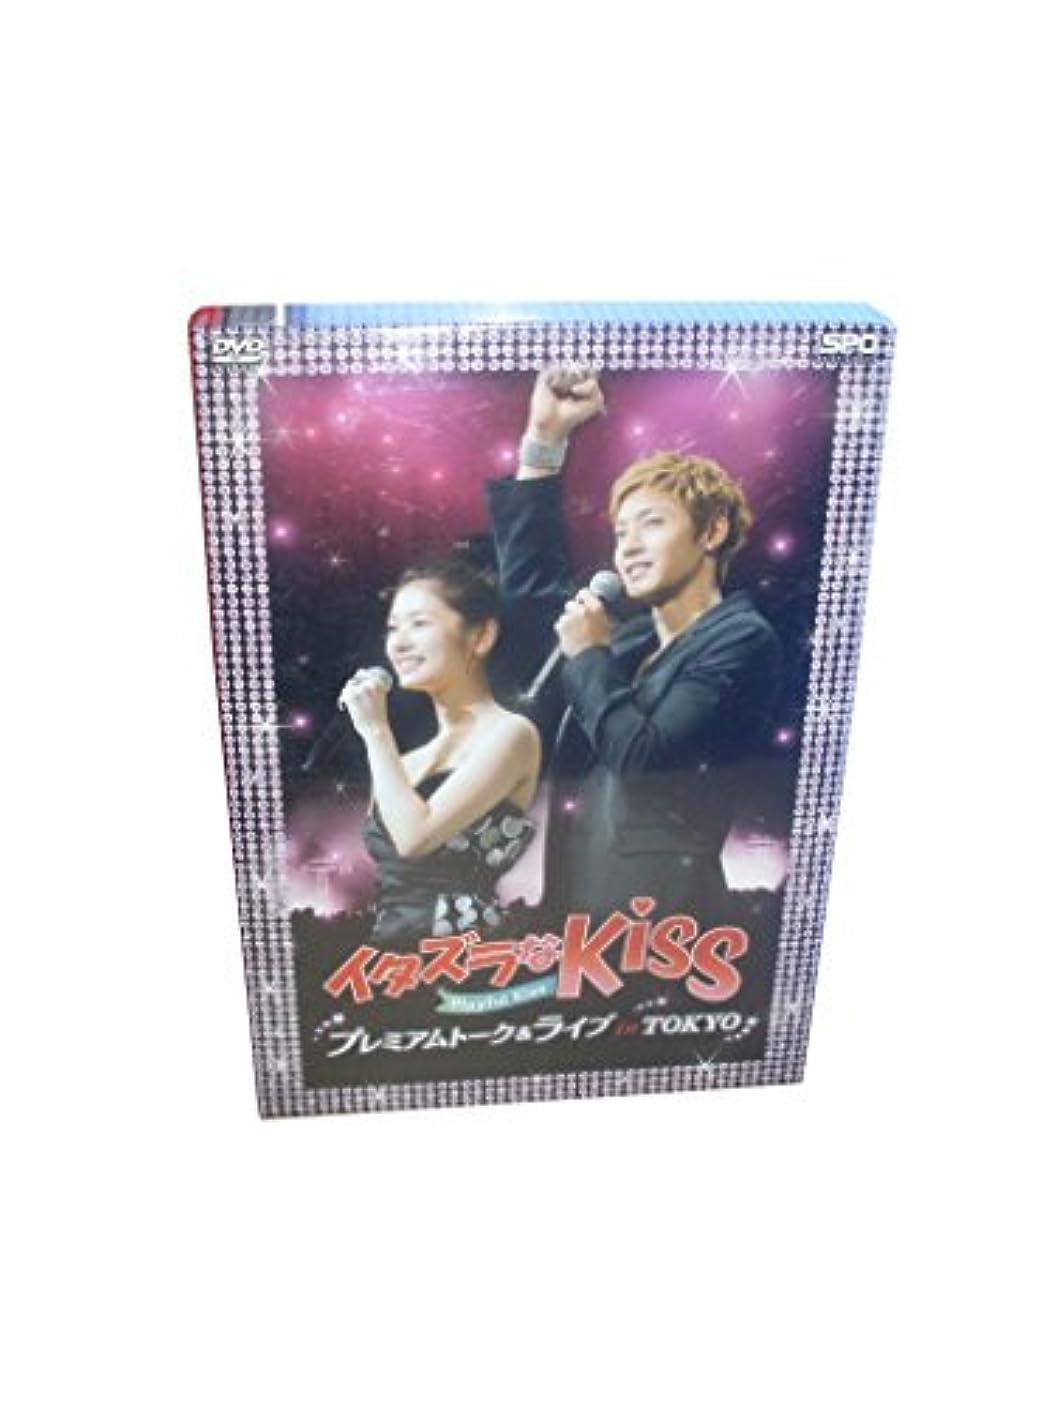 目覚めるシーンアイデアイタズラなKiss~Playful Kiss プレミアムトーク&ライブ in TOKYO 2011 主演: キム?ヒョンジュン